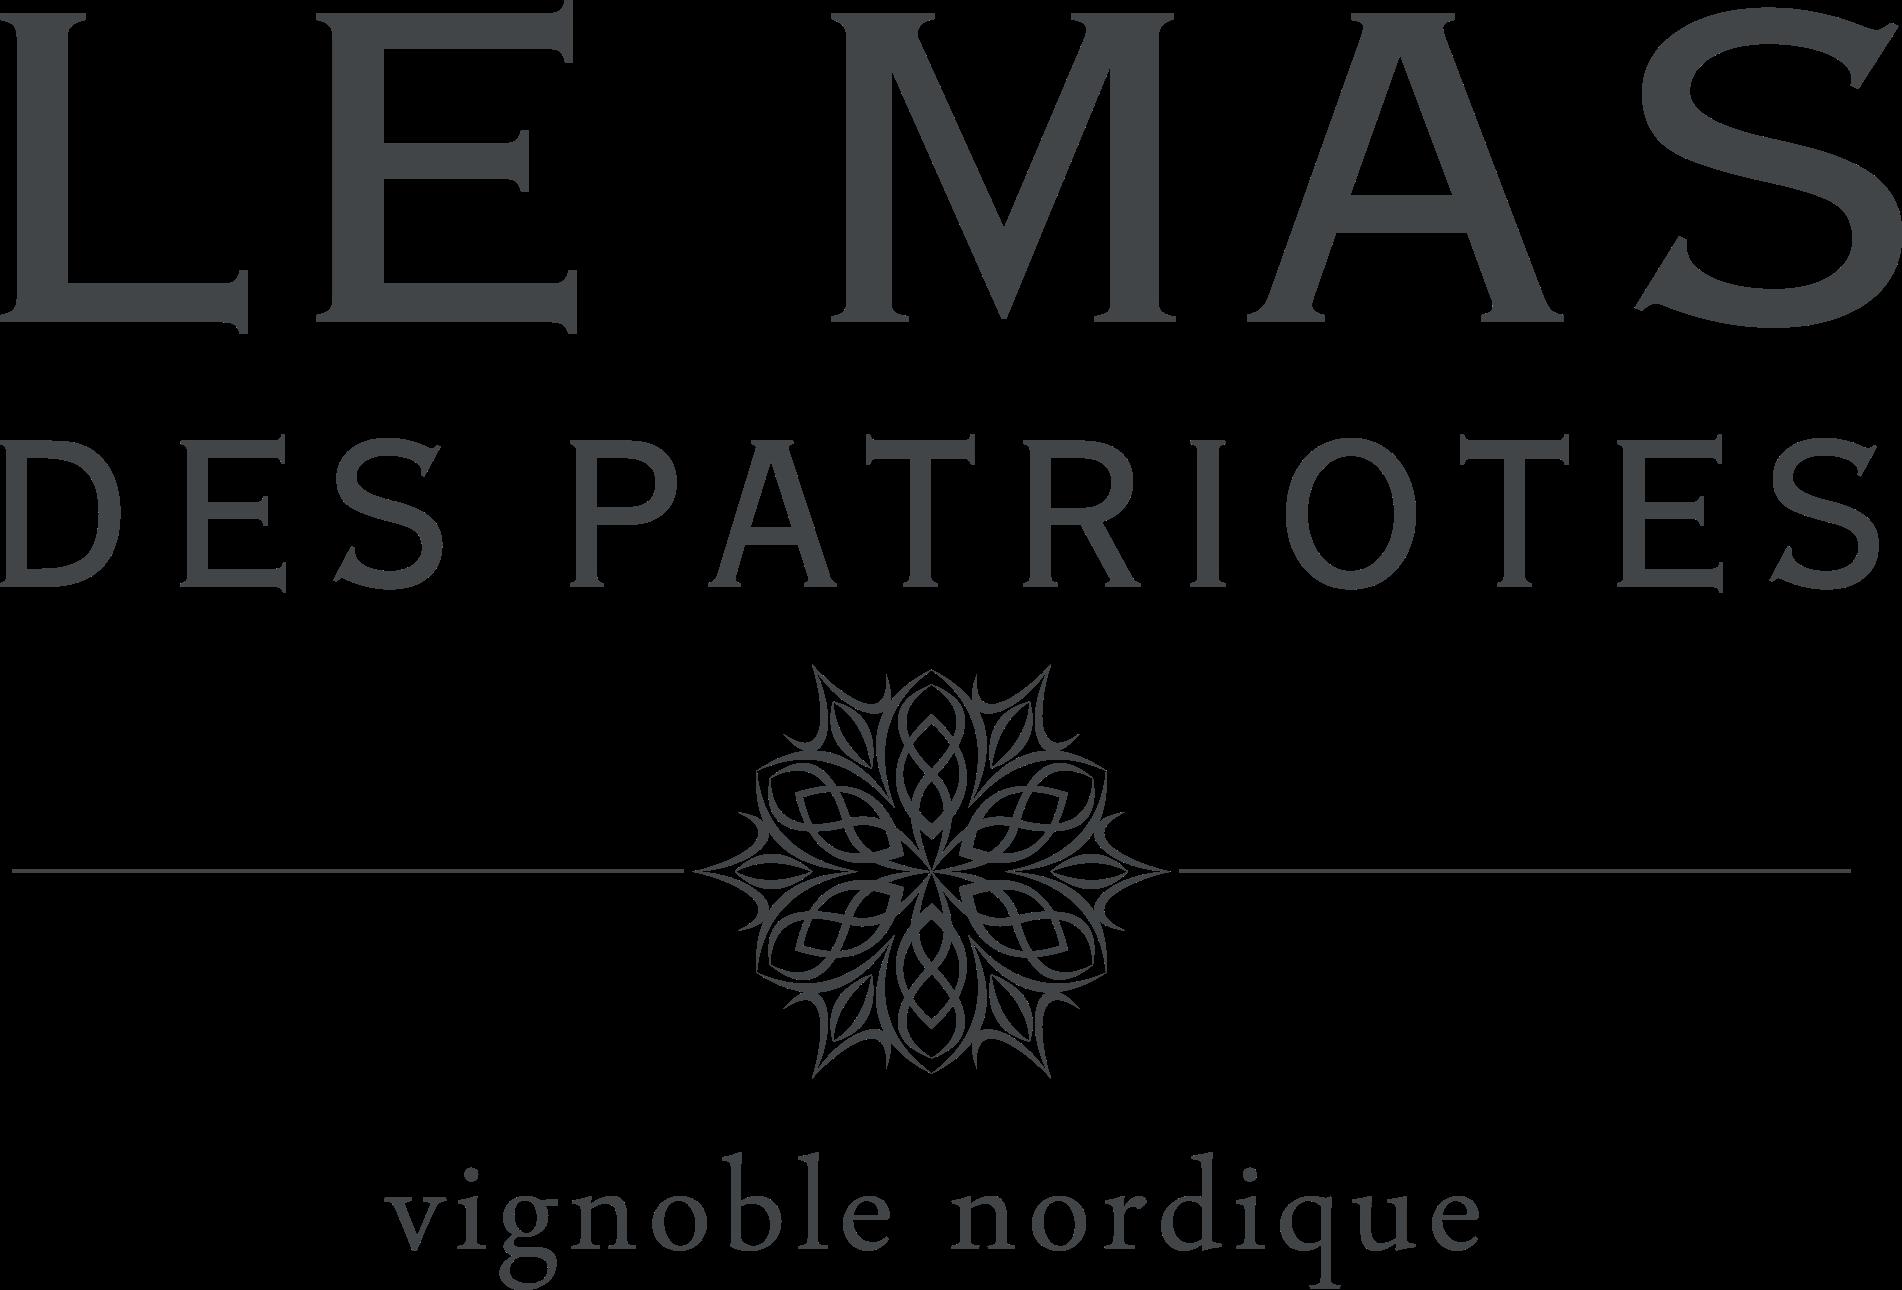 VIGNOBLE LE MAS DES PATRIOTES